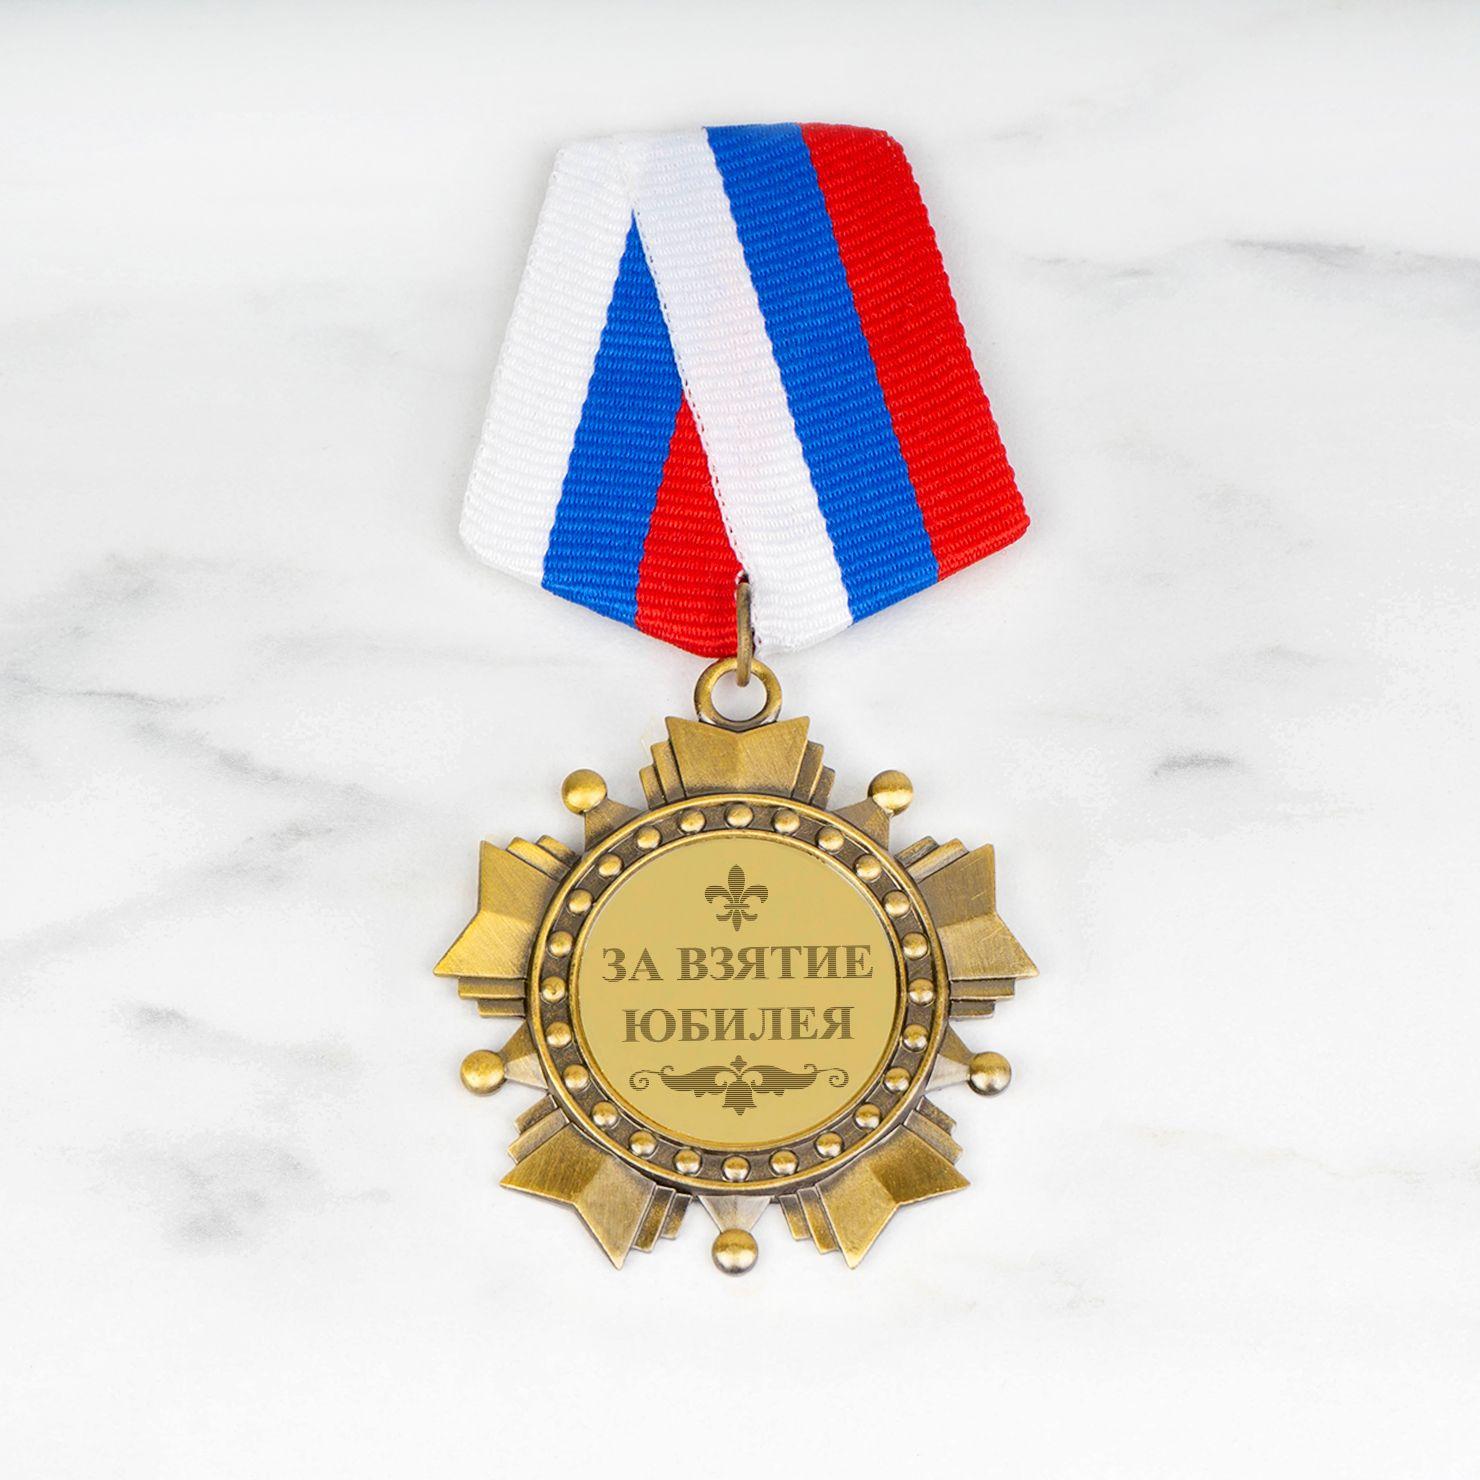 Орден *За взятие юбилея*